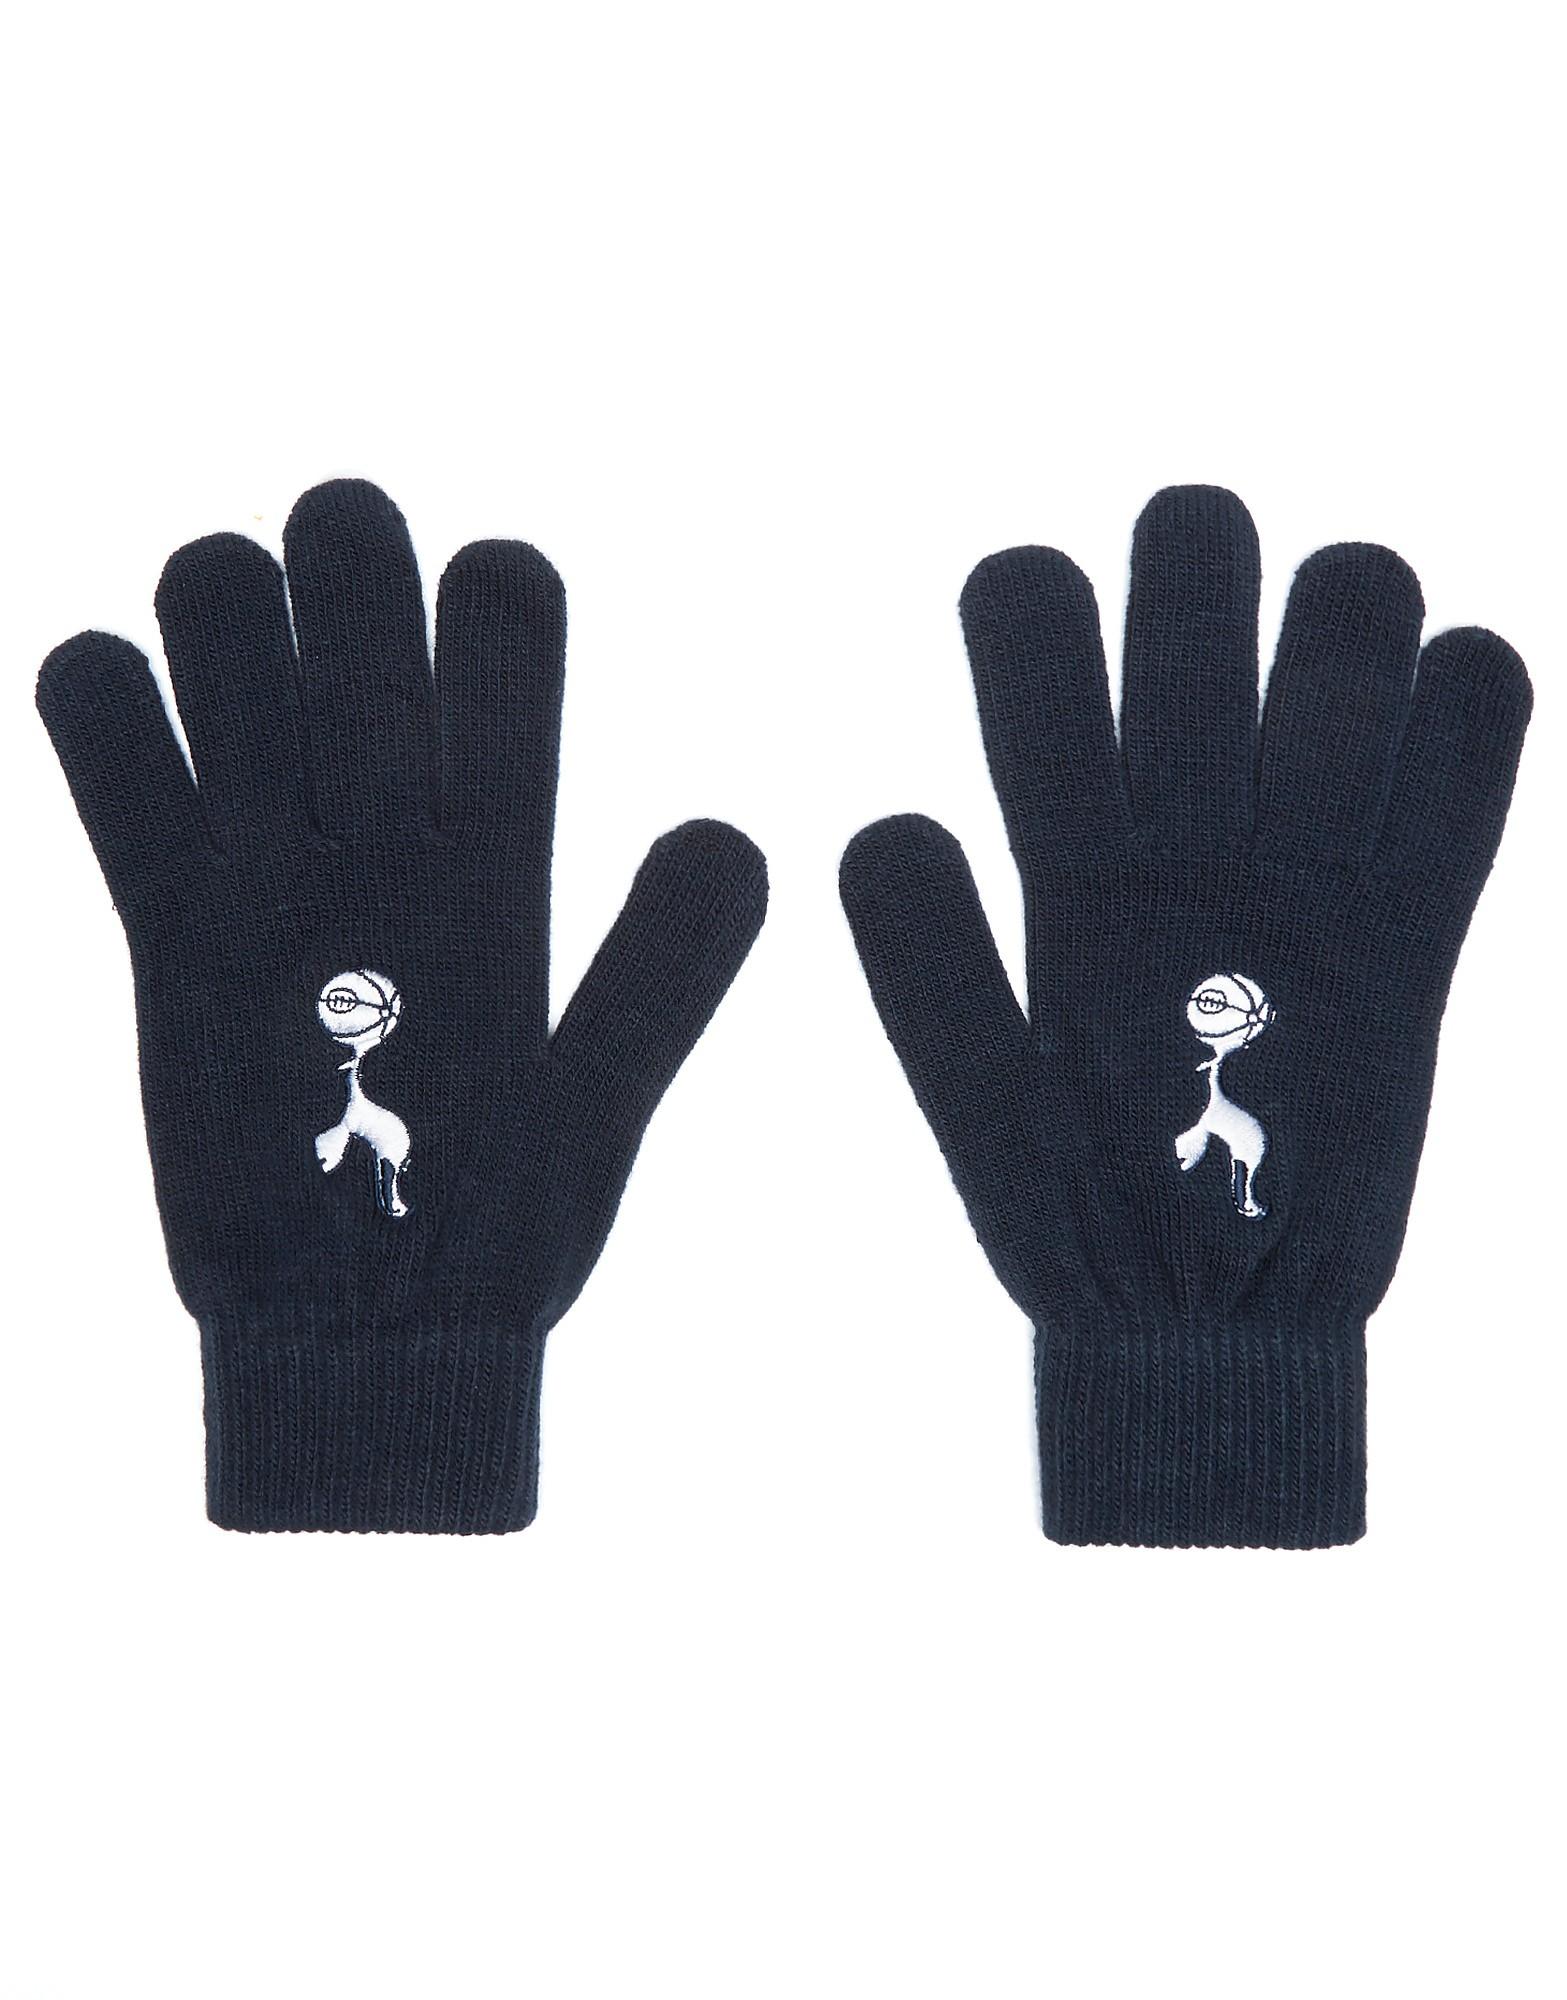 Official Team Tottenham Hotspur FC Gloves - Navy - Mens, Navy